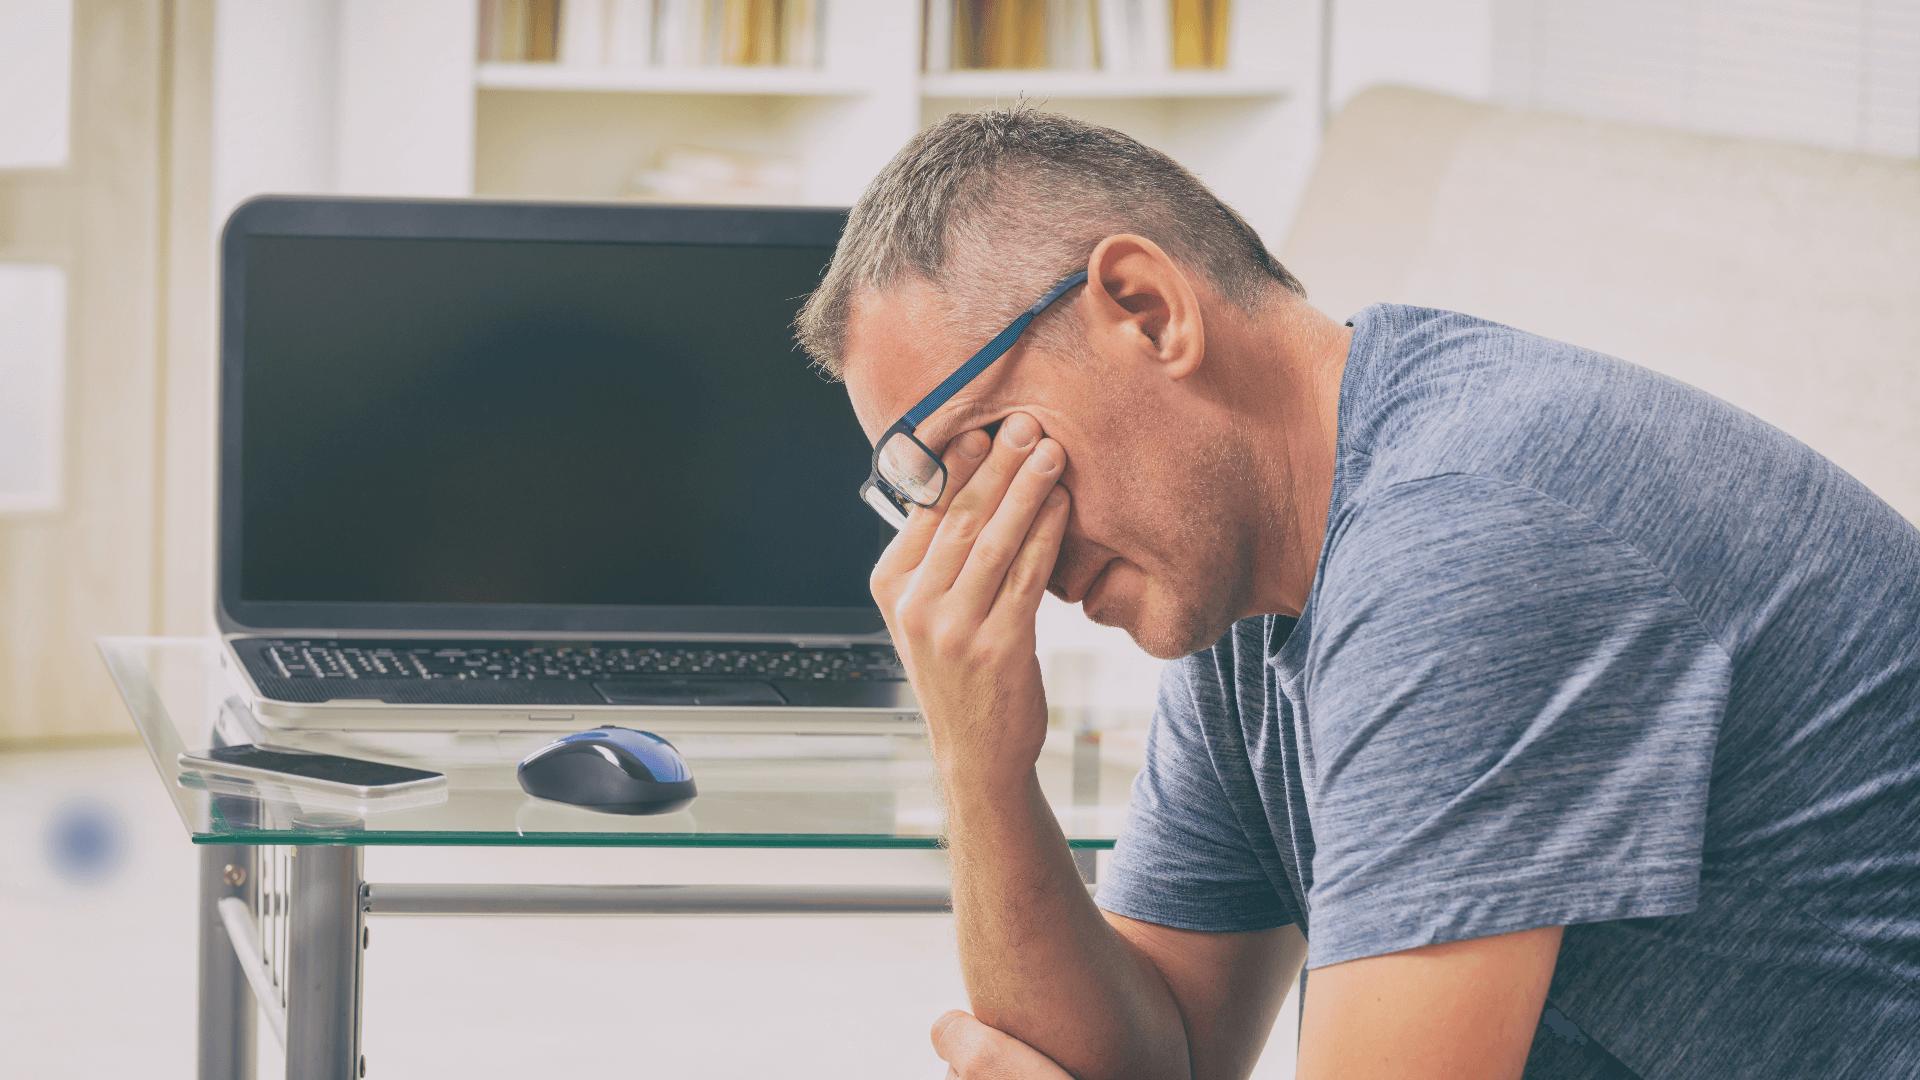 Kurzsichtigkeit ist mit Schlafmangel verbunden